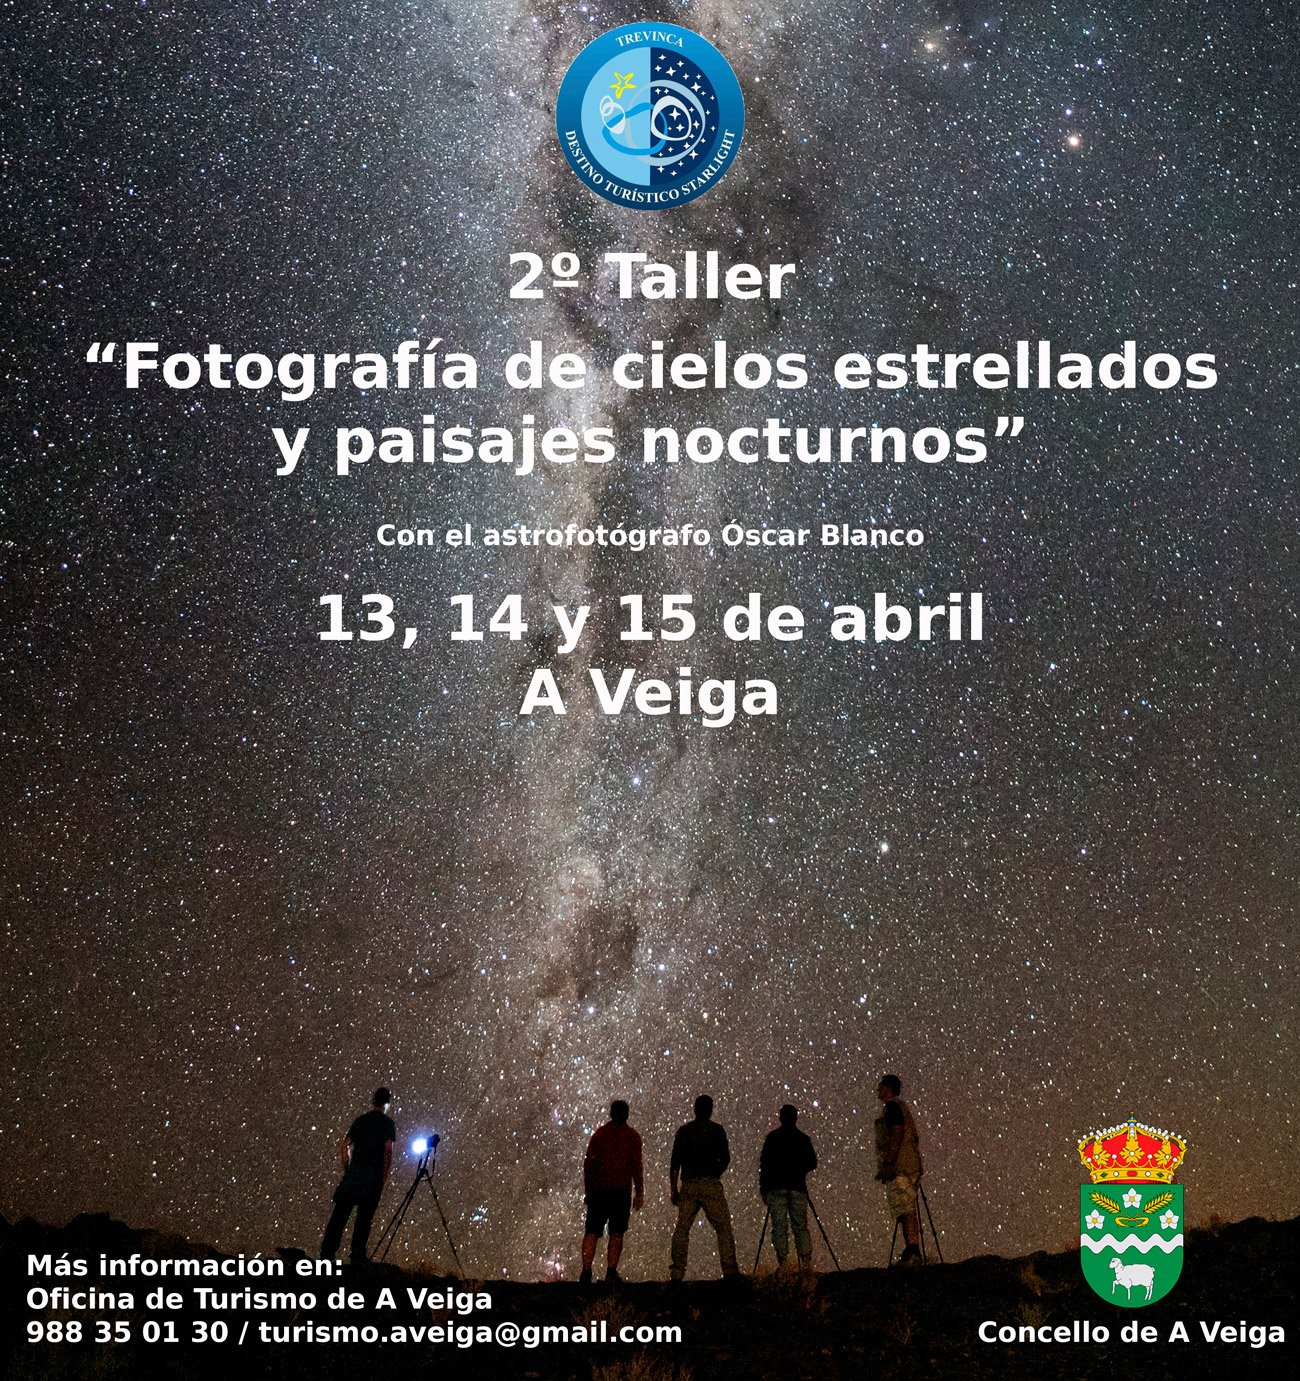 taller de fotografía de cielos estrellados y paisajes nocturnos. A Veiga